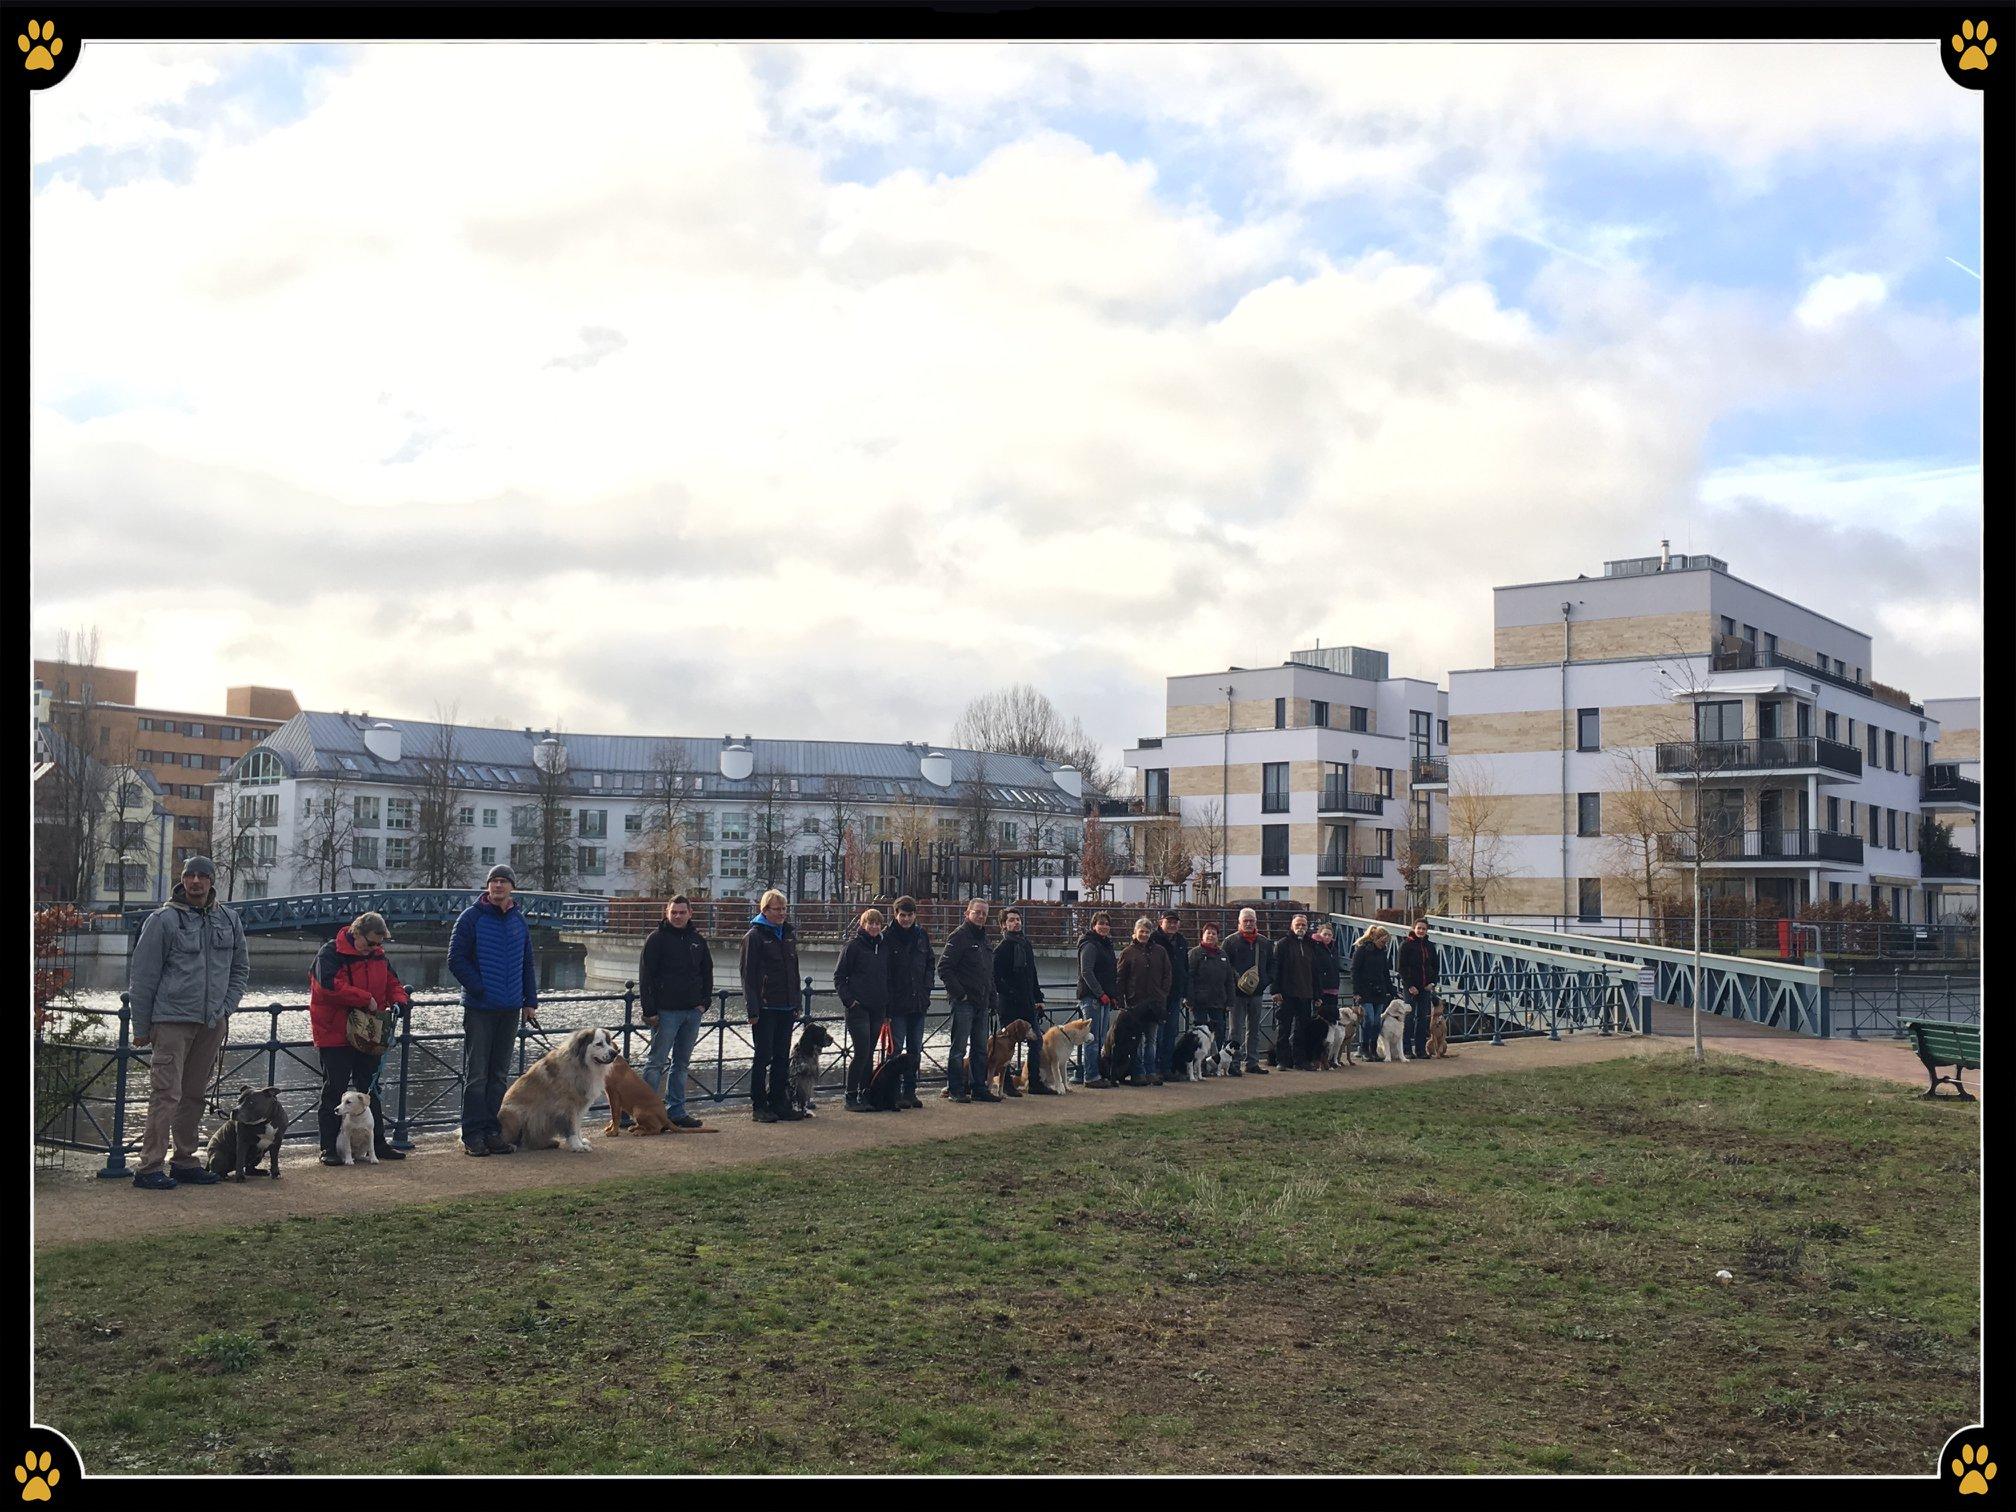 JoBaDog_Alltagstraining_05_Januar_2019_Berlin_Tegel_2.jpg